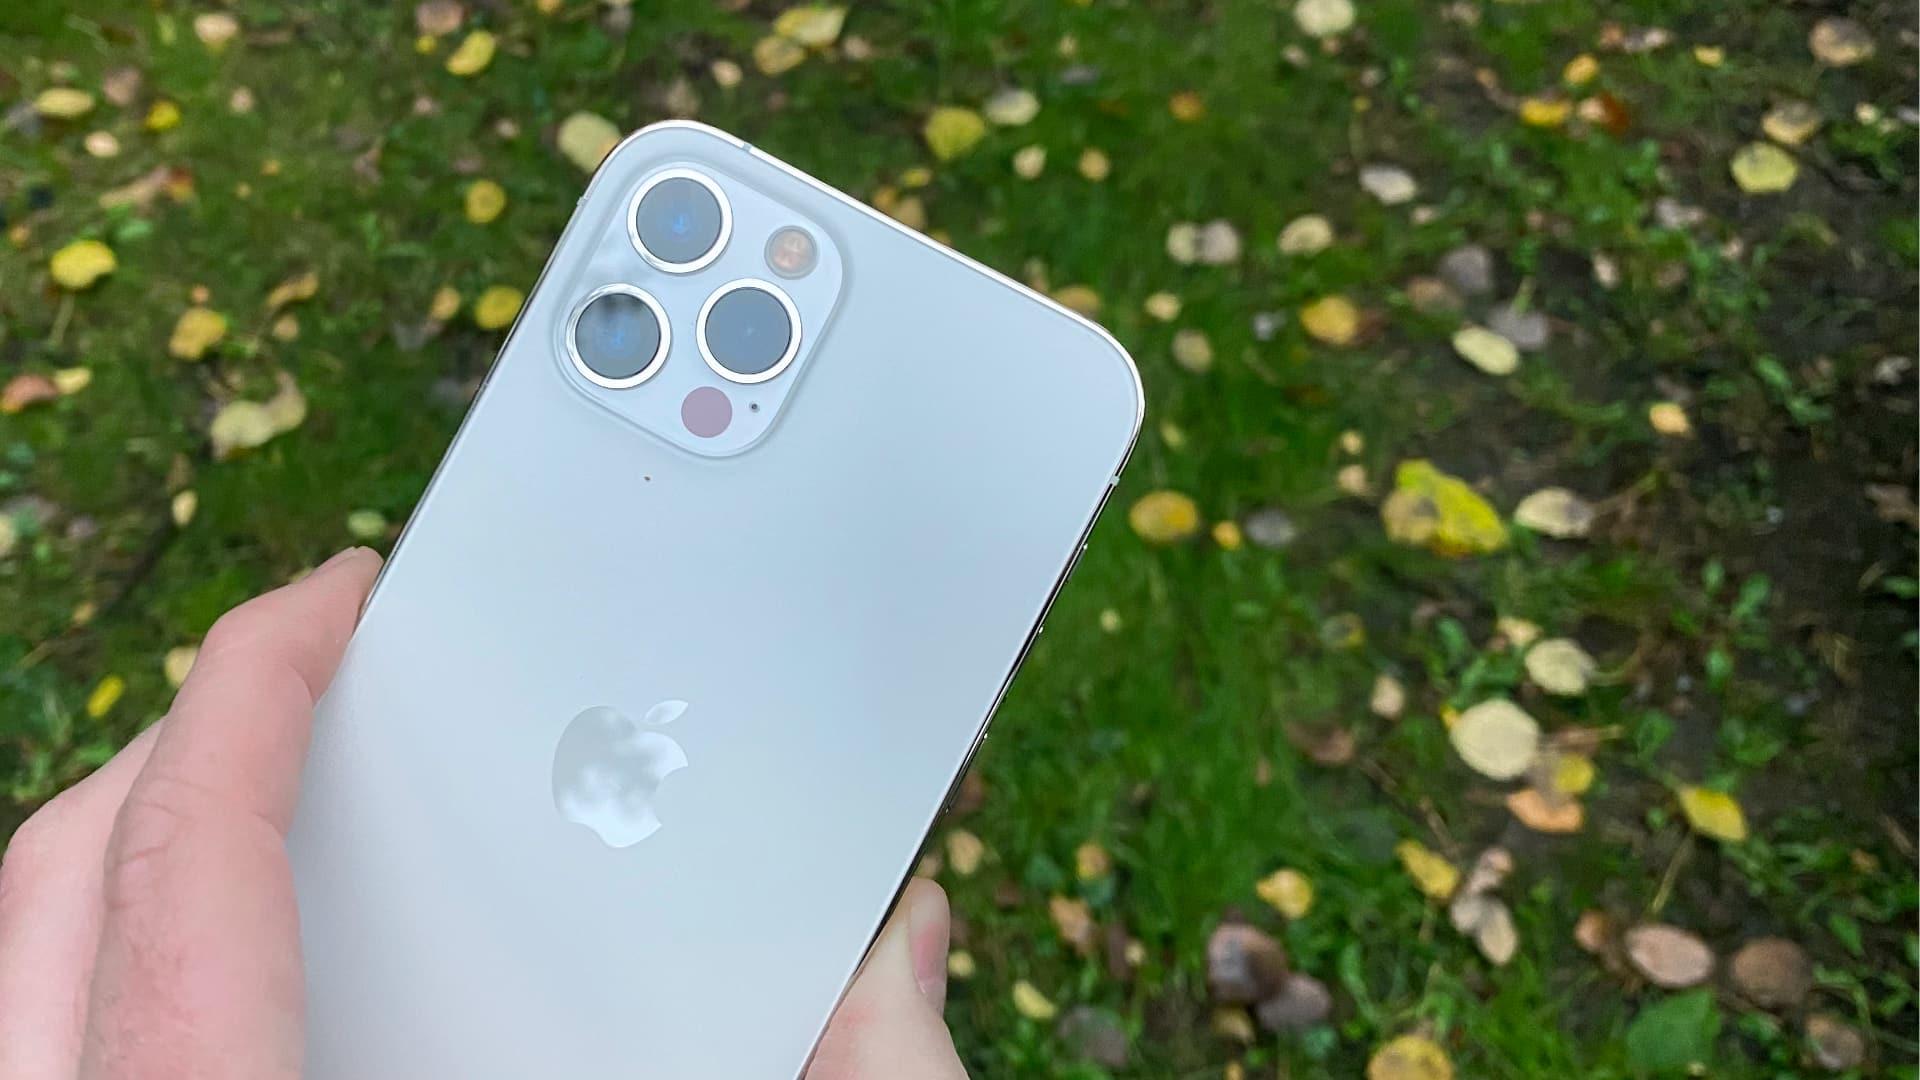 Bagsiden af iPhone 12 Pro med sine tre kameralinser